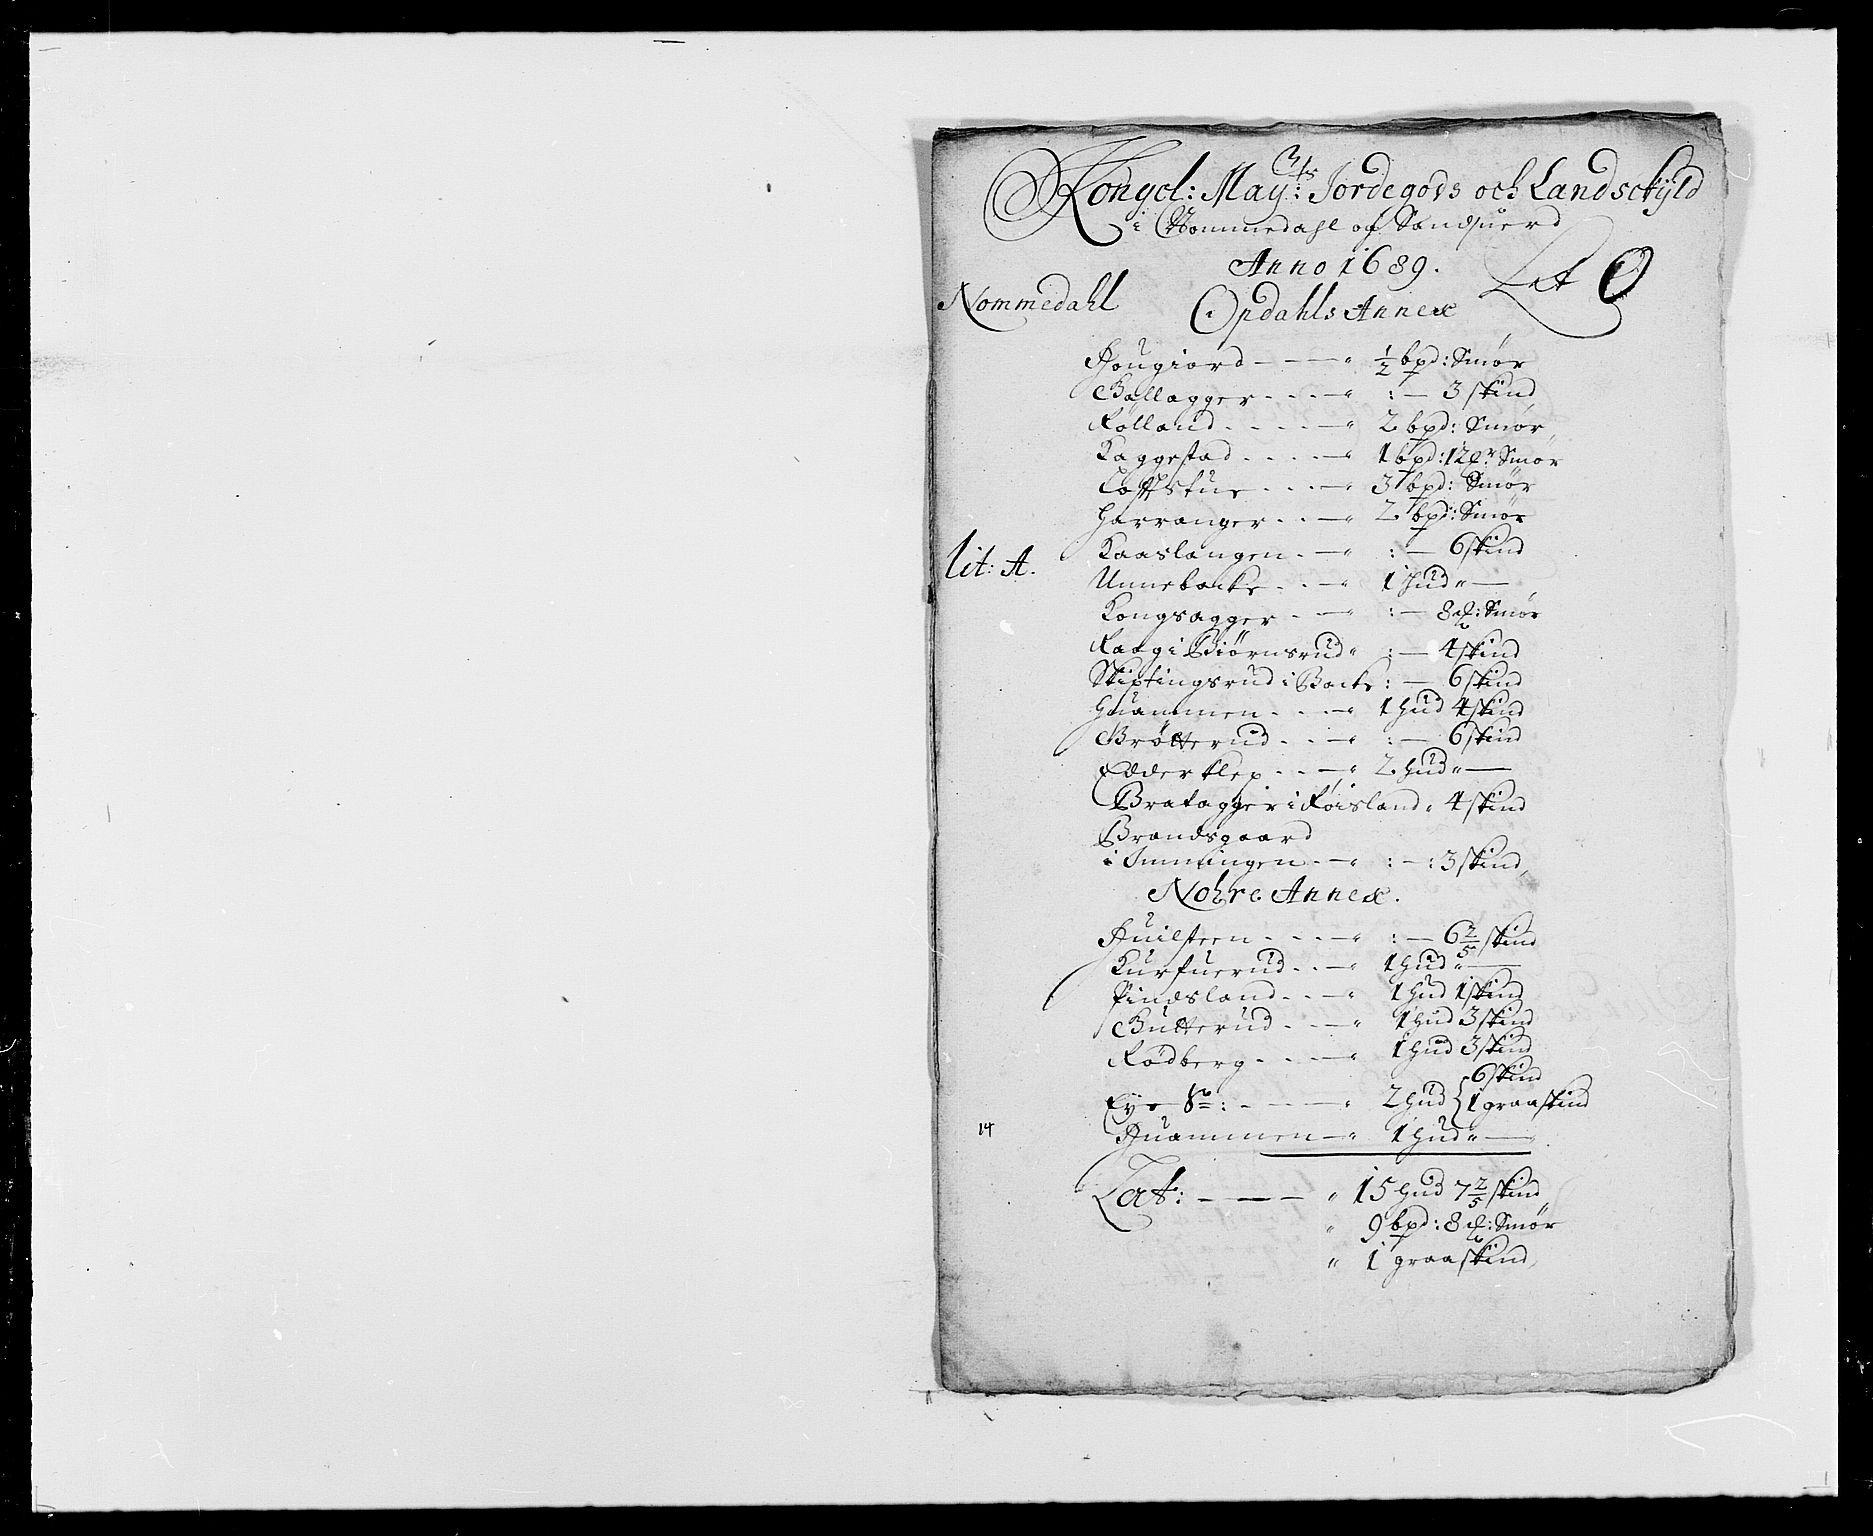 RA, Rentekammeret inntil 1814, Reviderte regnskaper, Fogderegnskap, R24/L1573: Fogderegnskap Numedal og Sandsvær, 1687-1691, s. 351